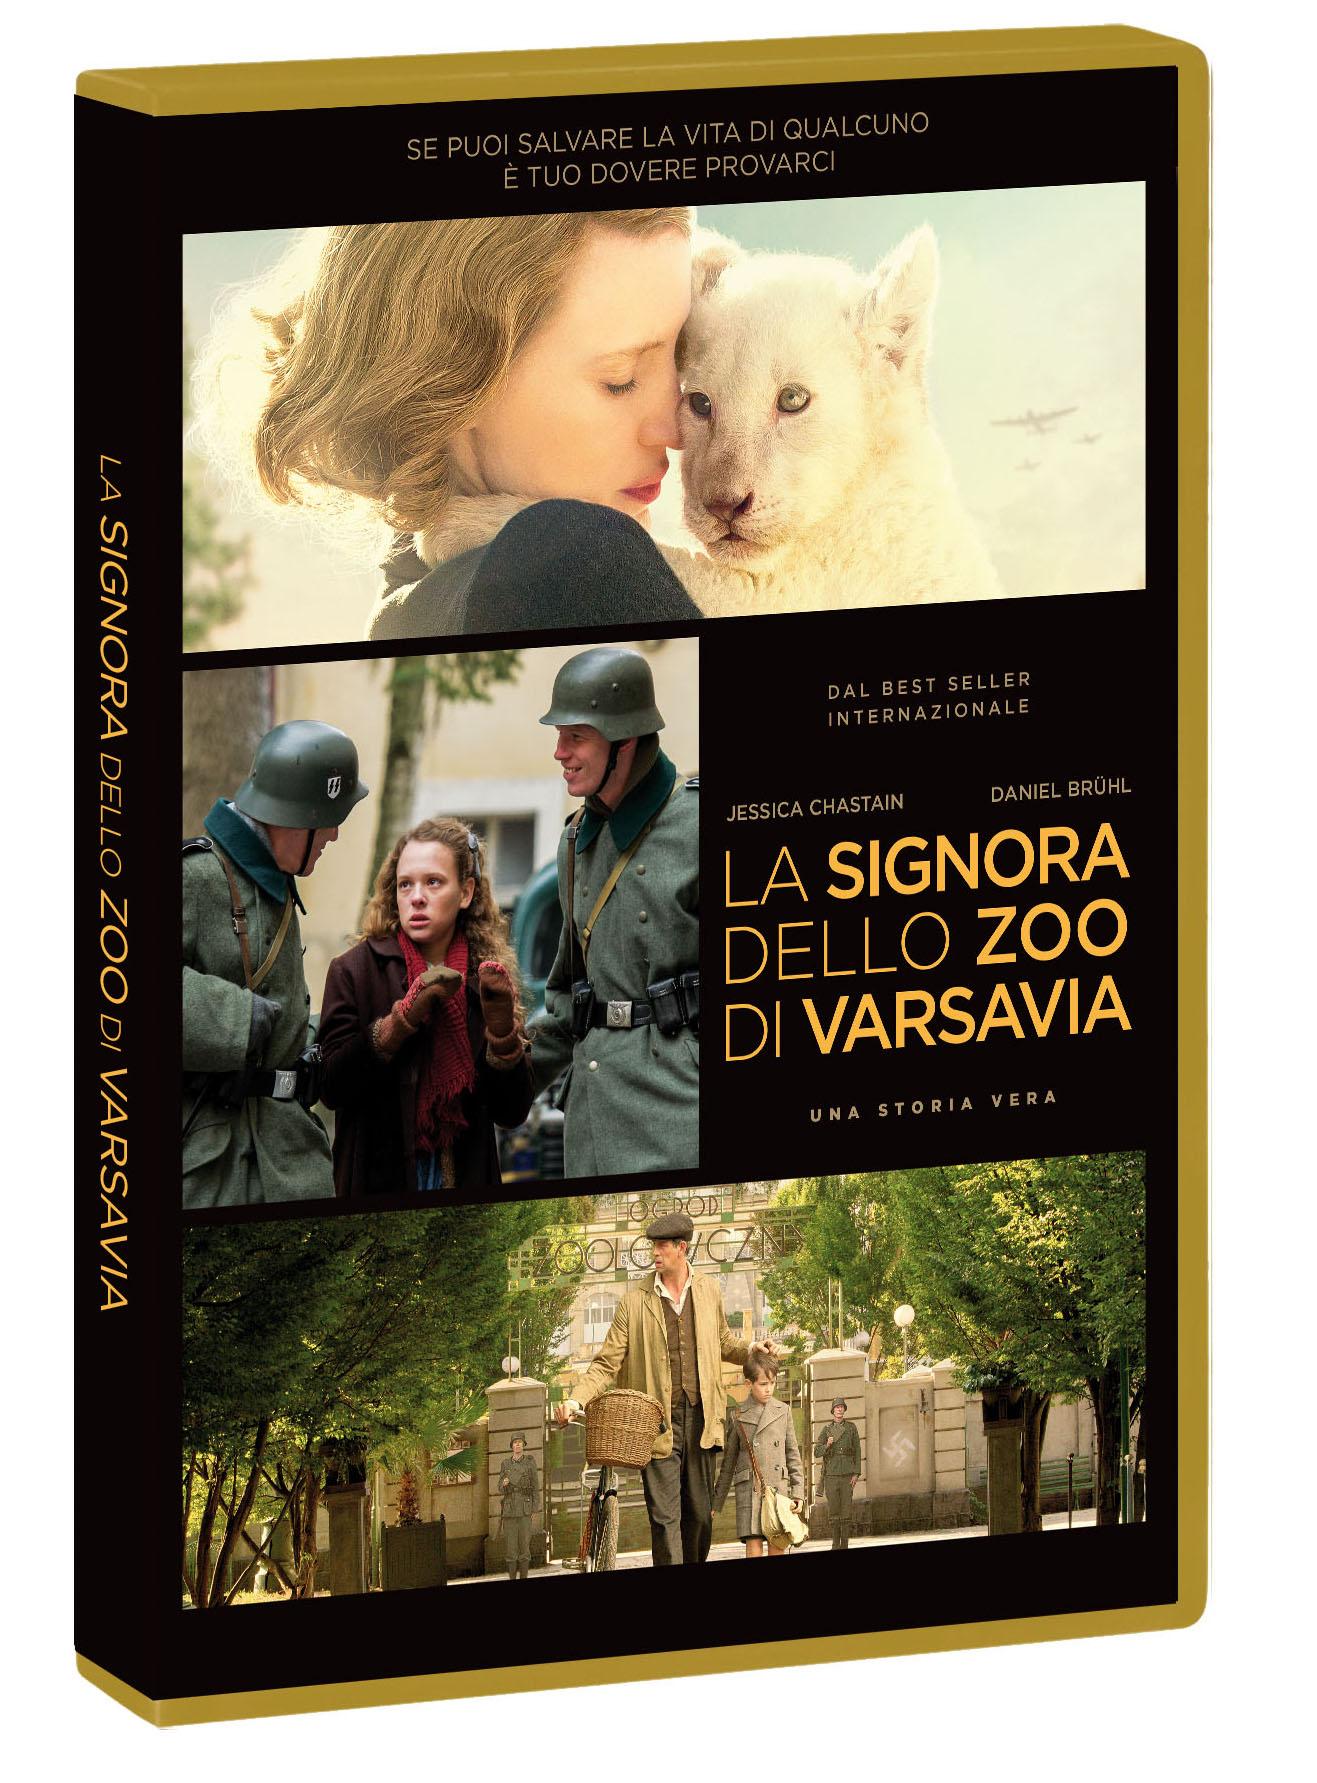 LA SIGNORA DELLO ZOO DI VARSAVIA (DVD)